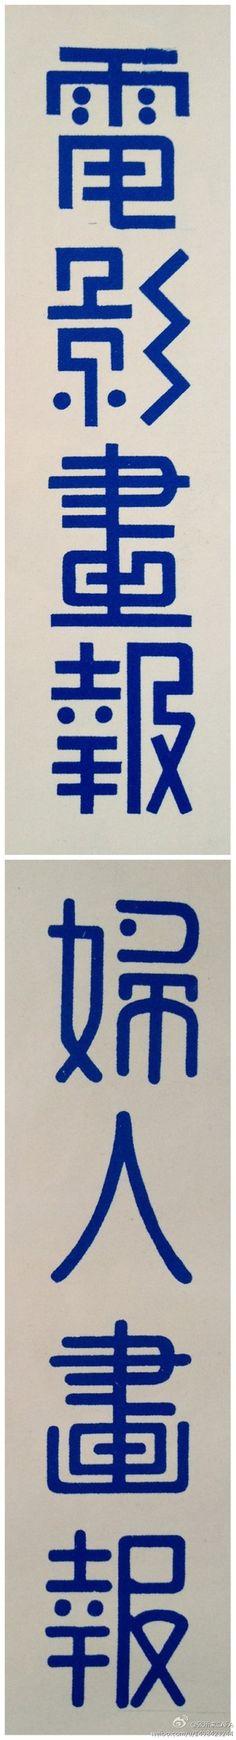 民国年间的字体设计 - 堆糖 发现生活_收集美好_分享图片